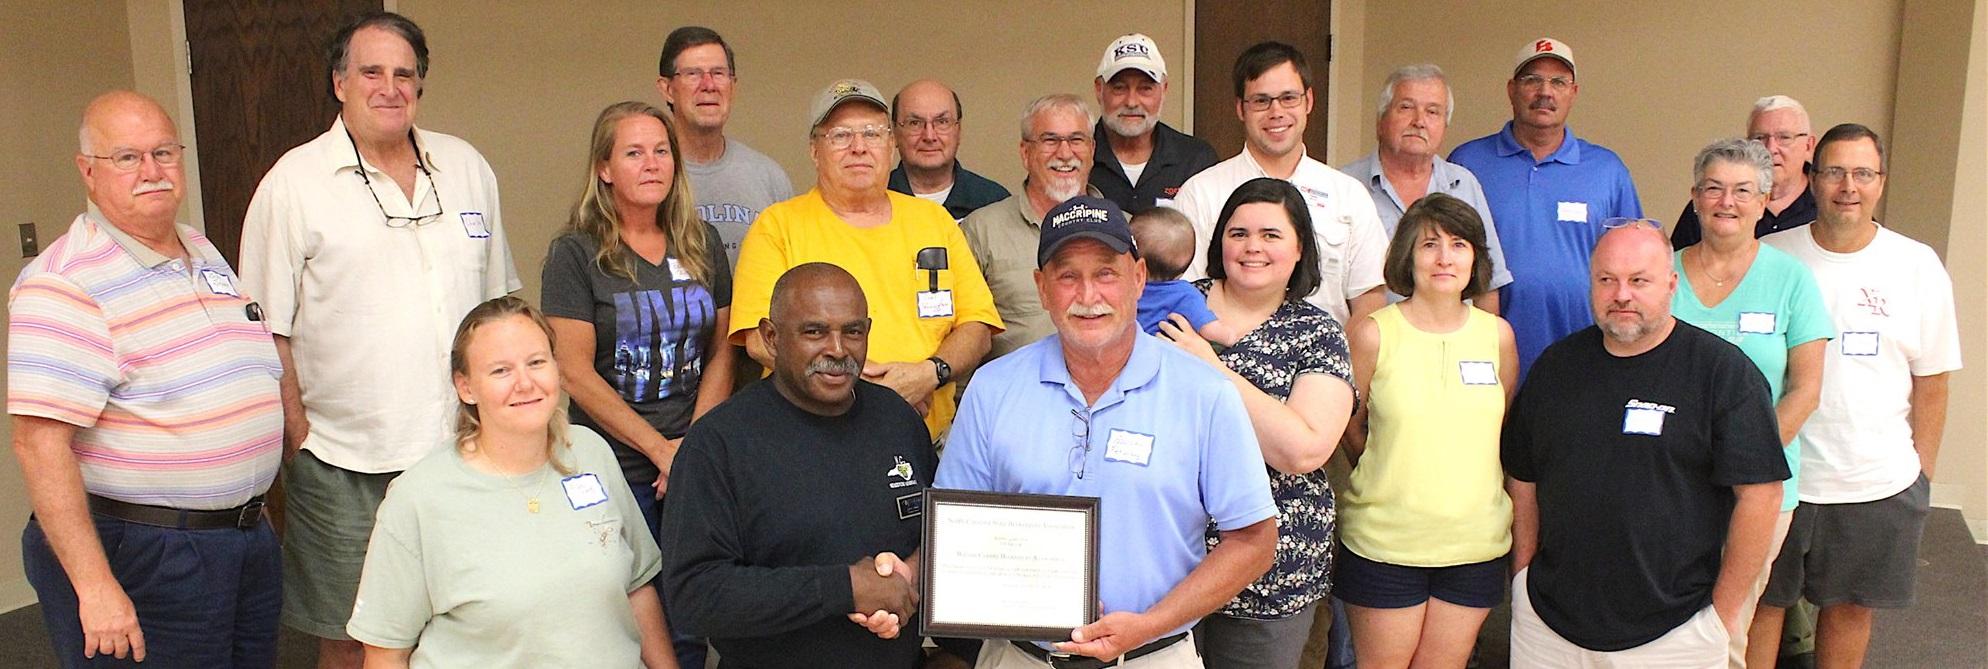 Wilson County Beekeepers